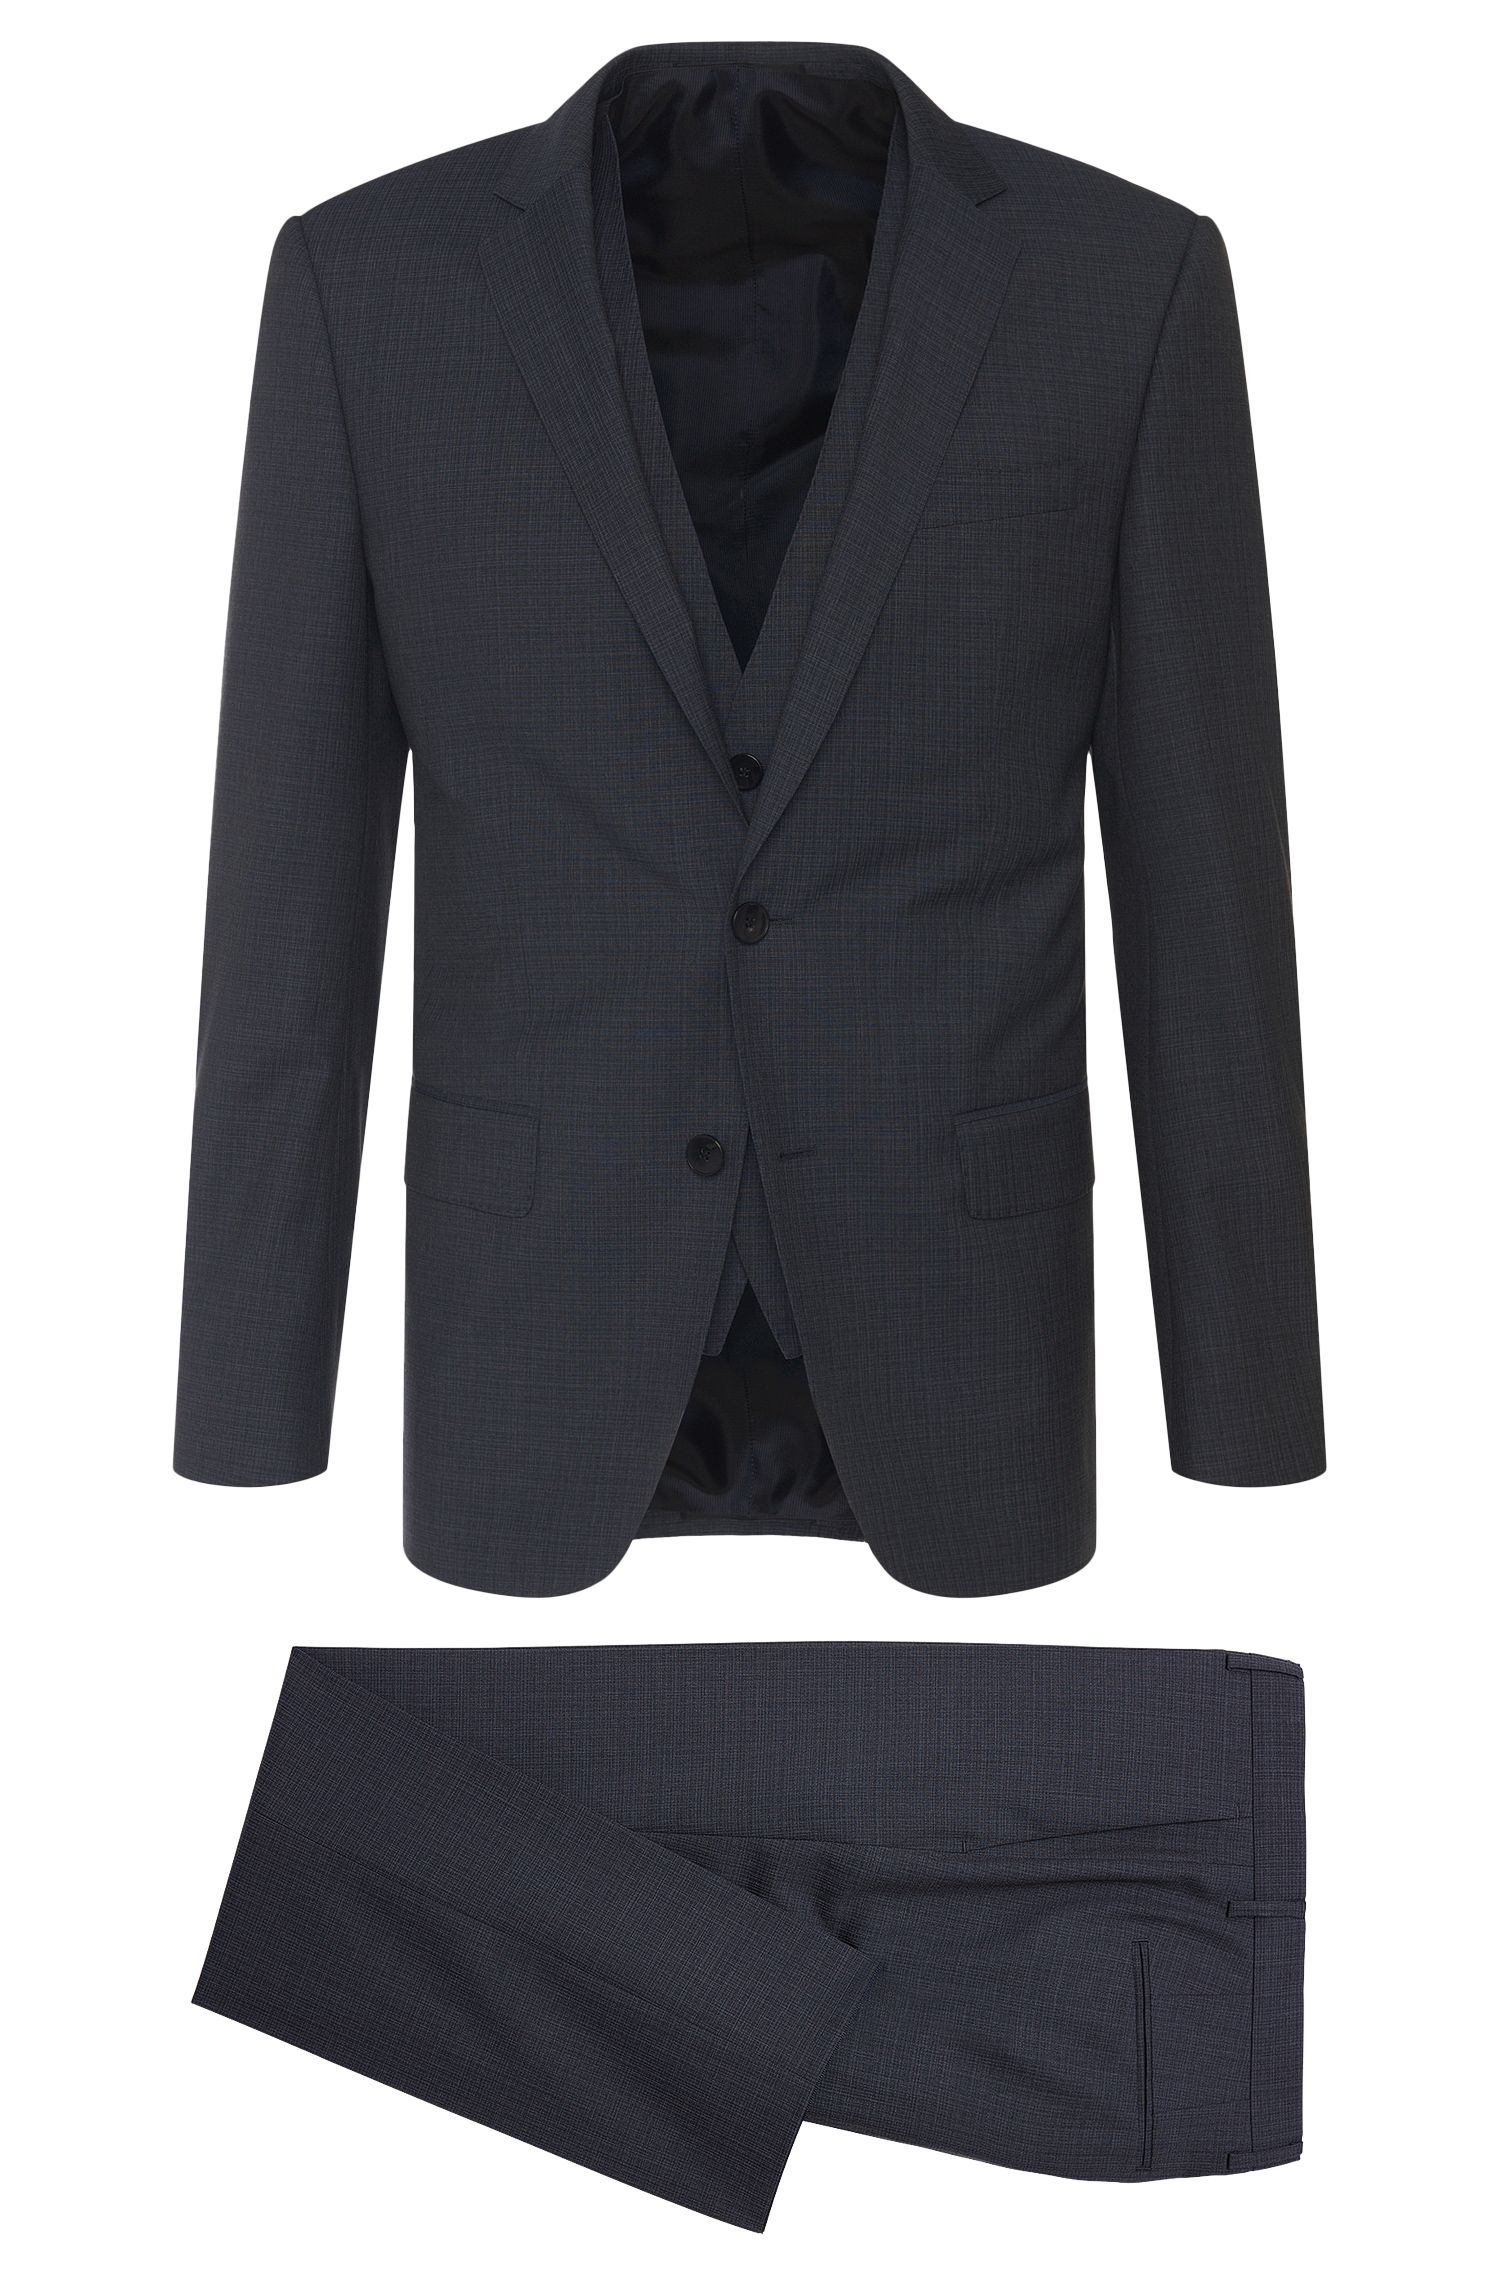 'Hevans/Gill WE' | Slim Fit, Super 120 Virgin Wool 3-Piece Suit